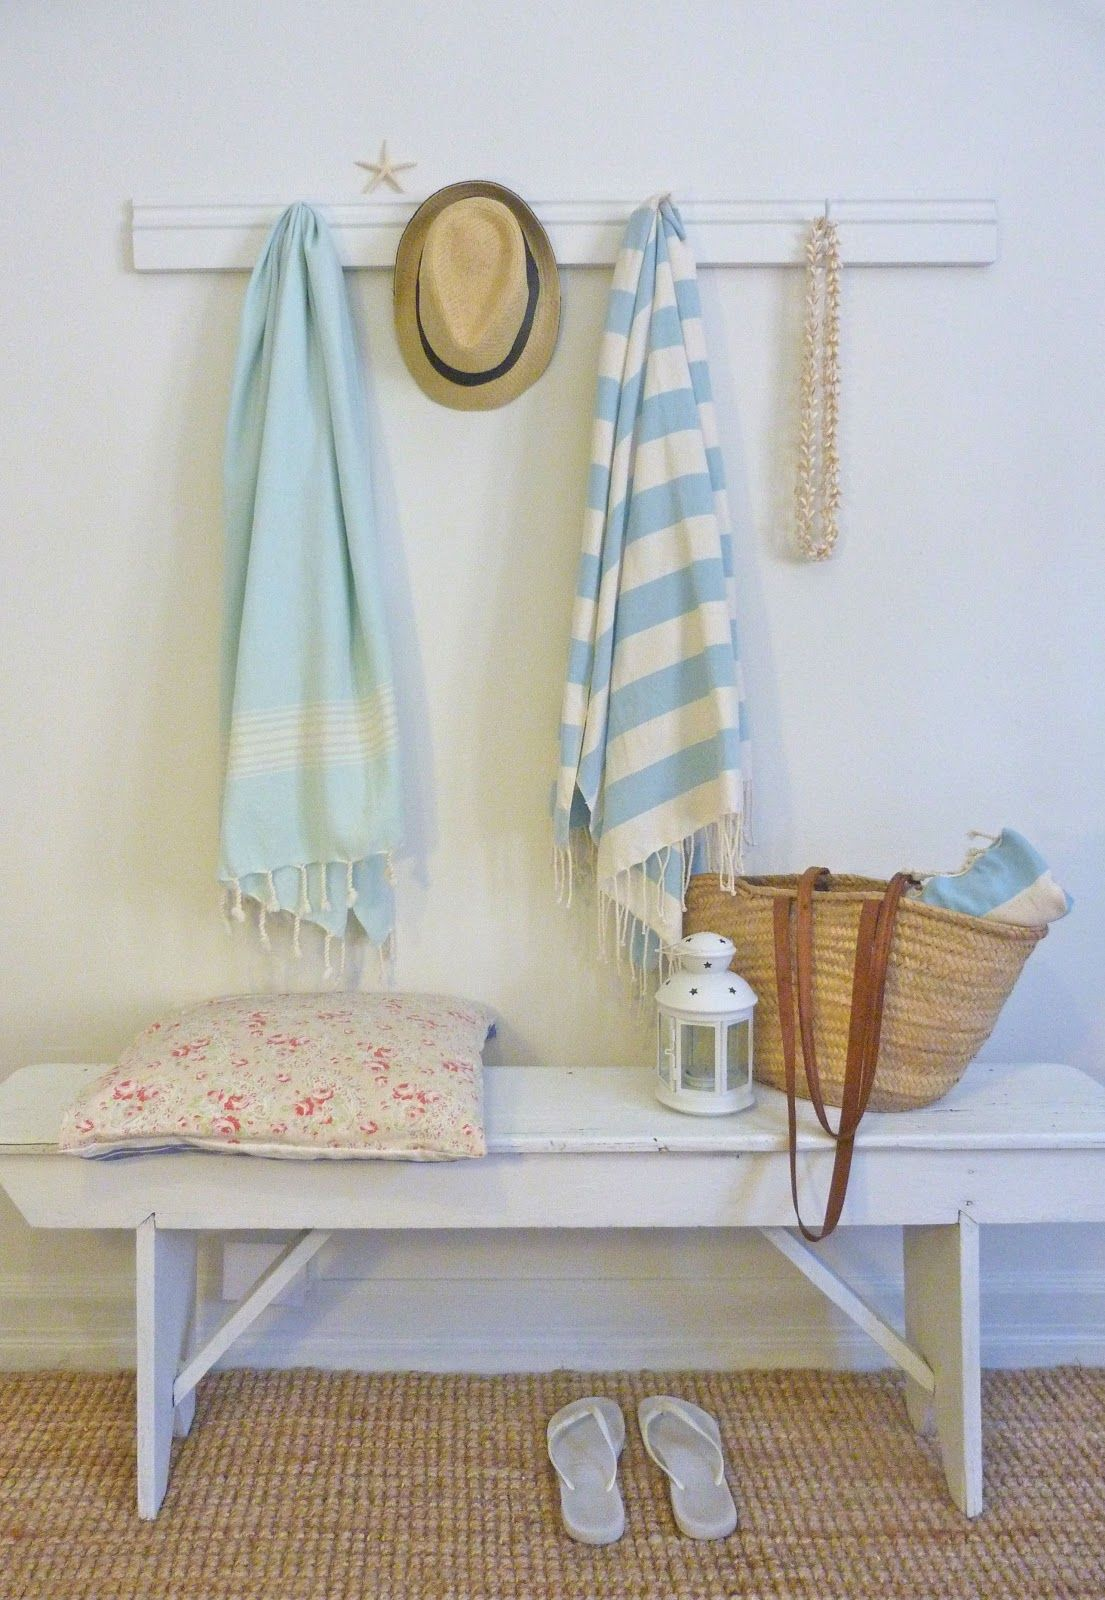 Beachcomber Beach House Upcycled Towel Rack Diy